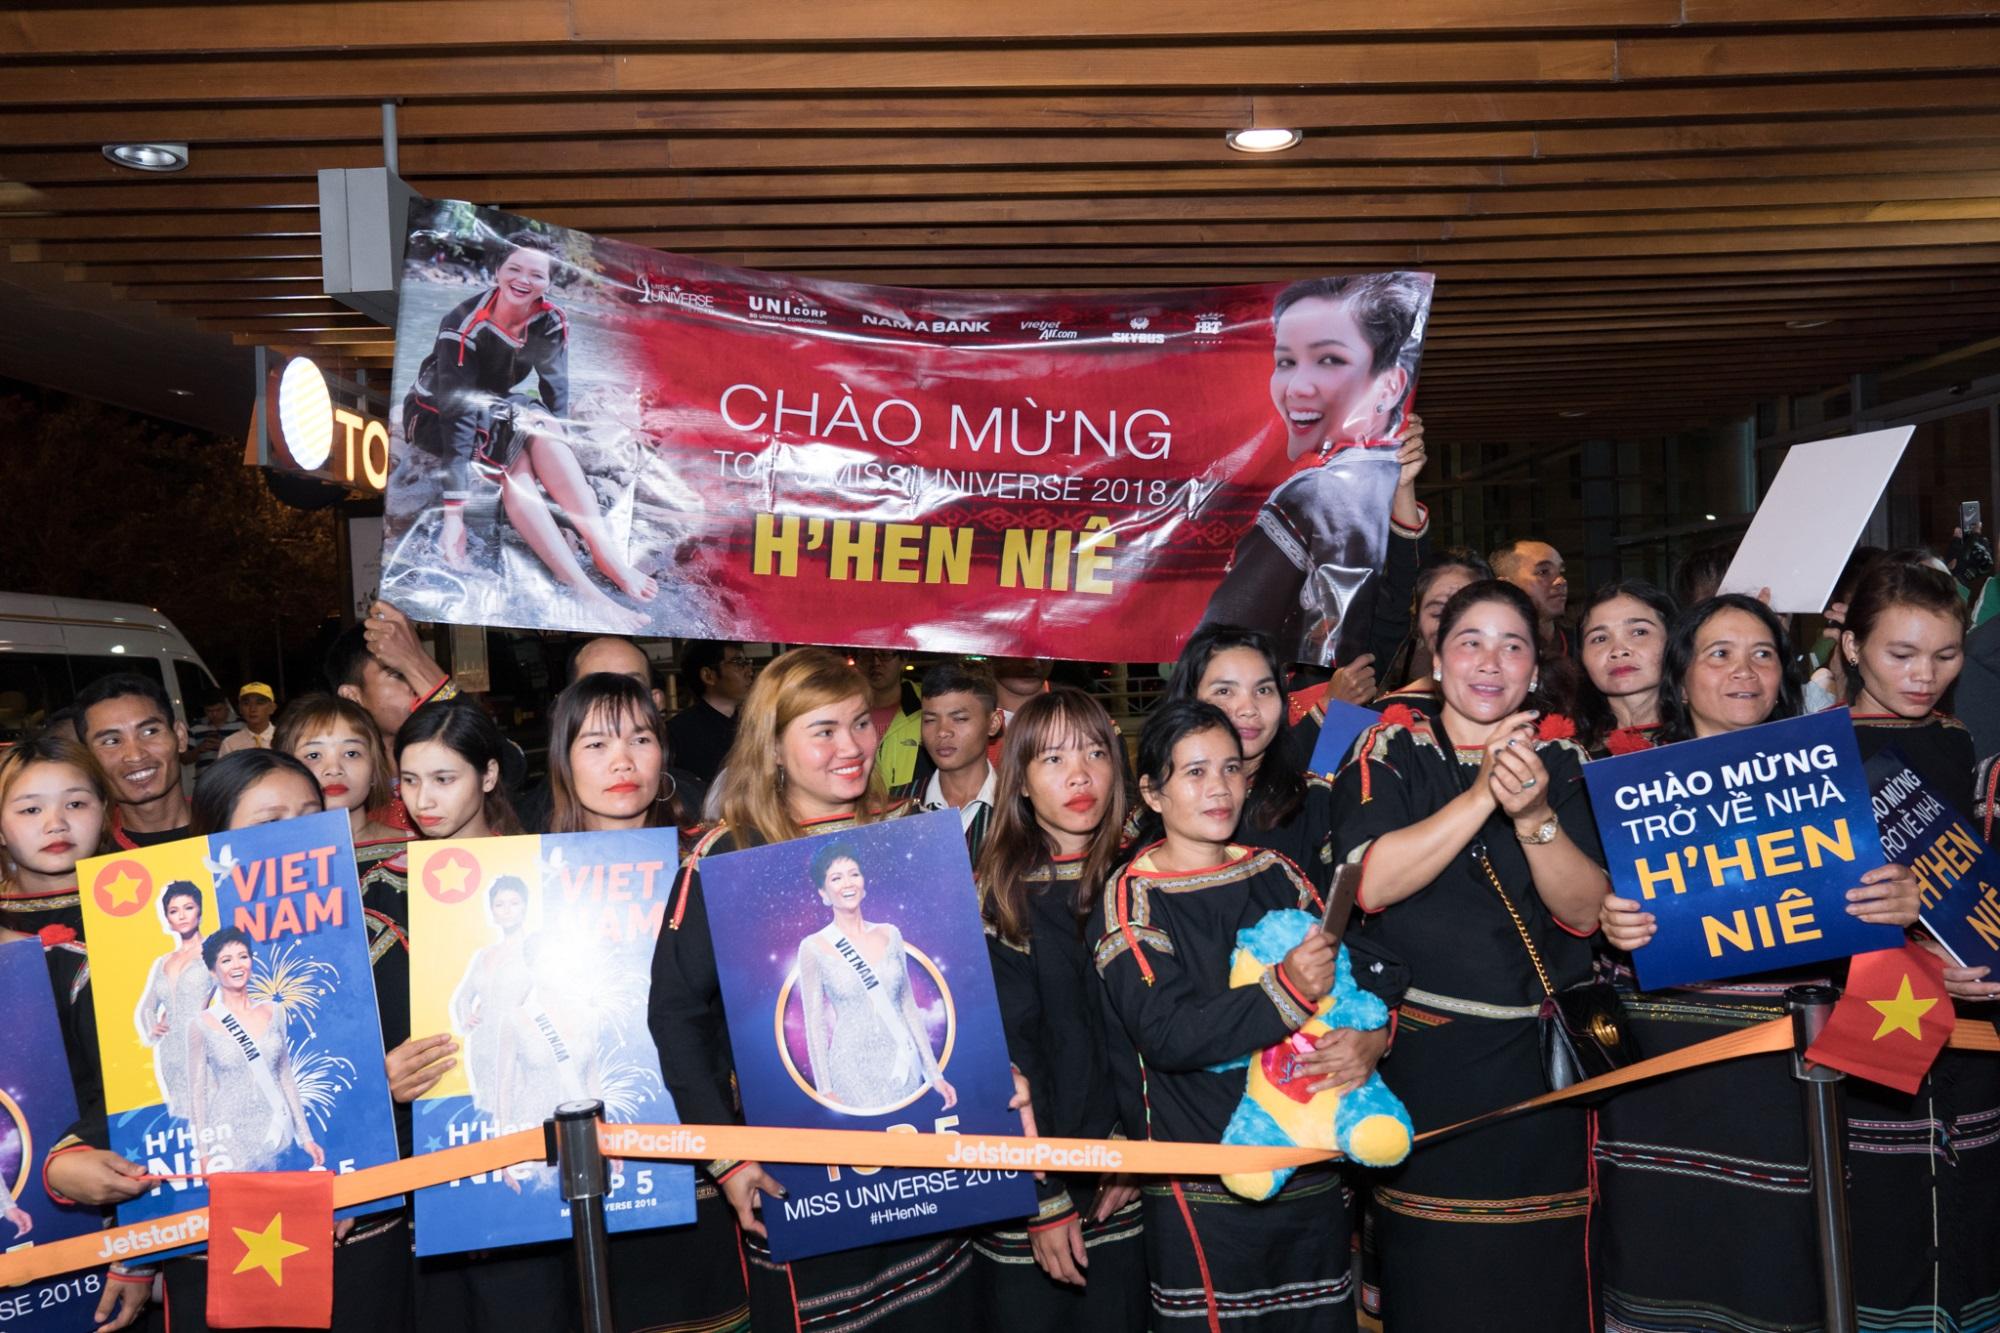 Mặc dù buổi tối ở Đắk Lắk khá lạnh nhưng rất đông khán giả đã có mặt ở sân bay Buôn Ma Thuột từ sớm, chuẩn bị đón chào niềm tự hào của tỉnh nhà.